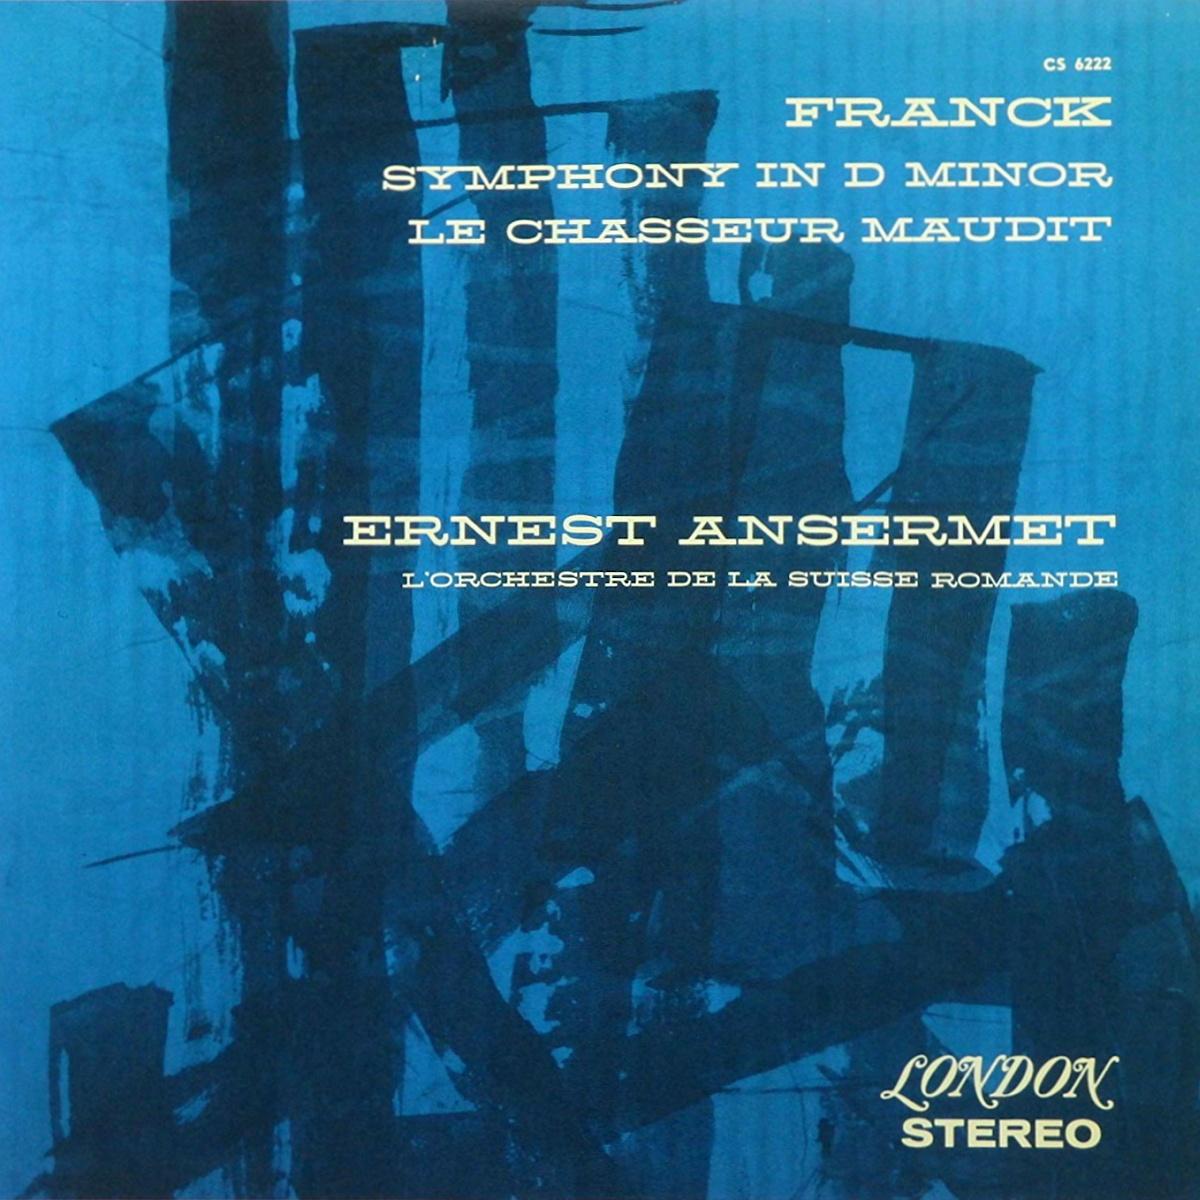 Recto de la pochette du disque Decca LONDON CS 6222, cliquer pour plus d'infos